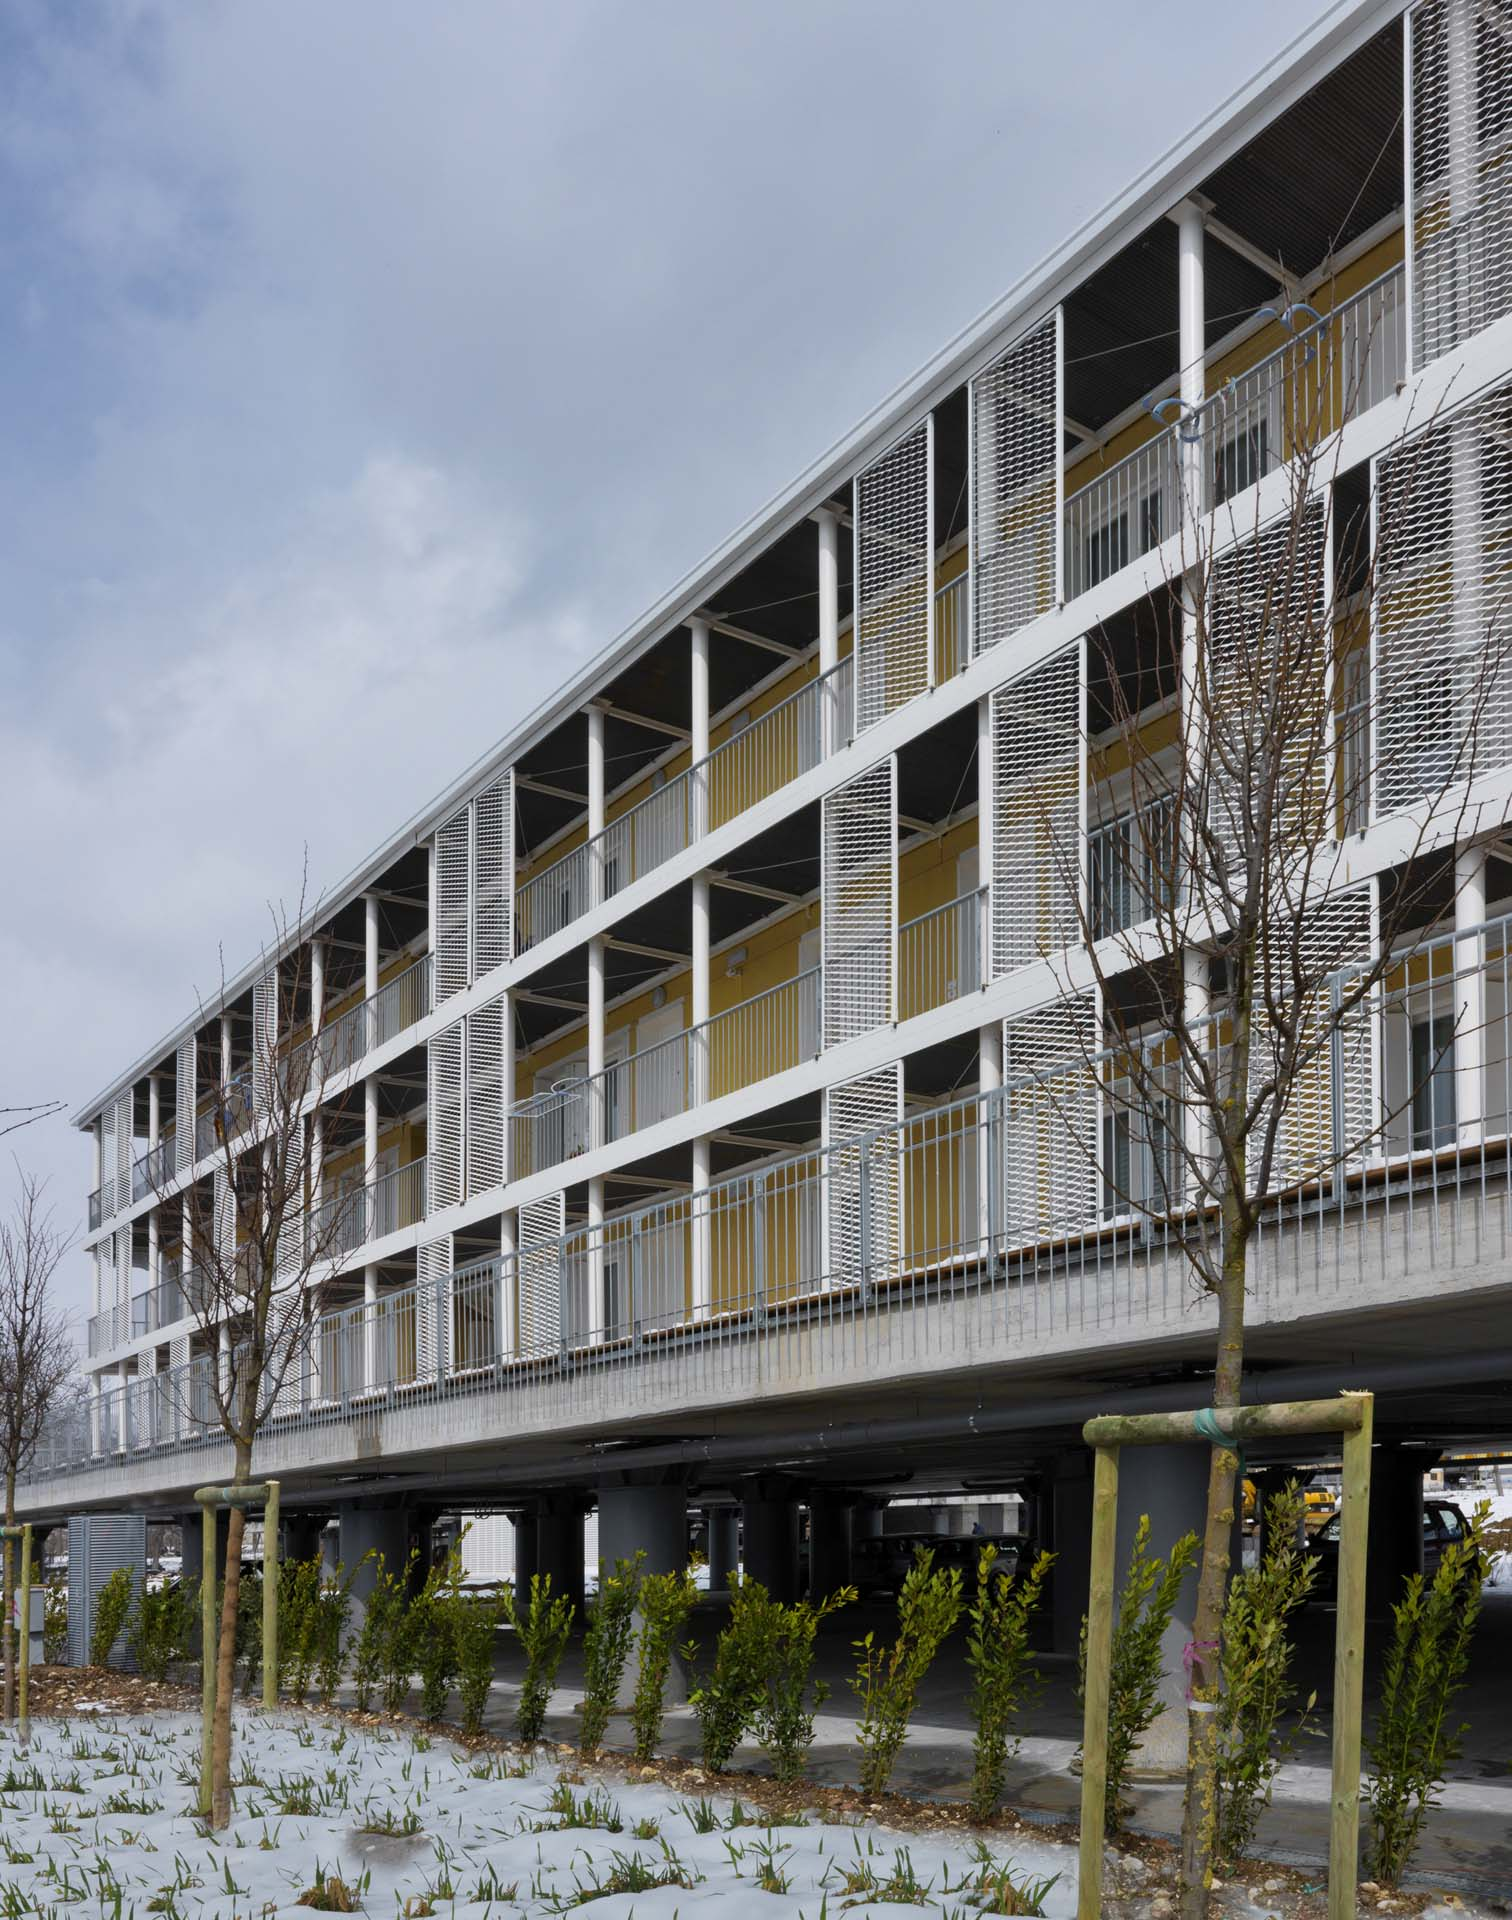 <b>Edificio per cambio bambini in parco giochi urbano</b> Edificio di servizio in legno interamente prefabbricato